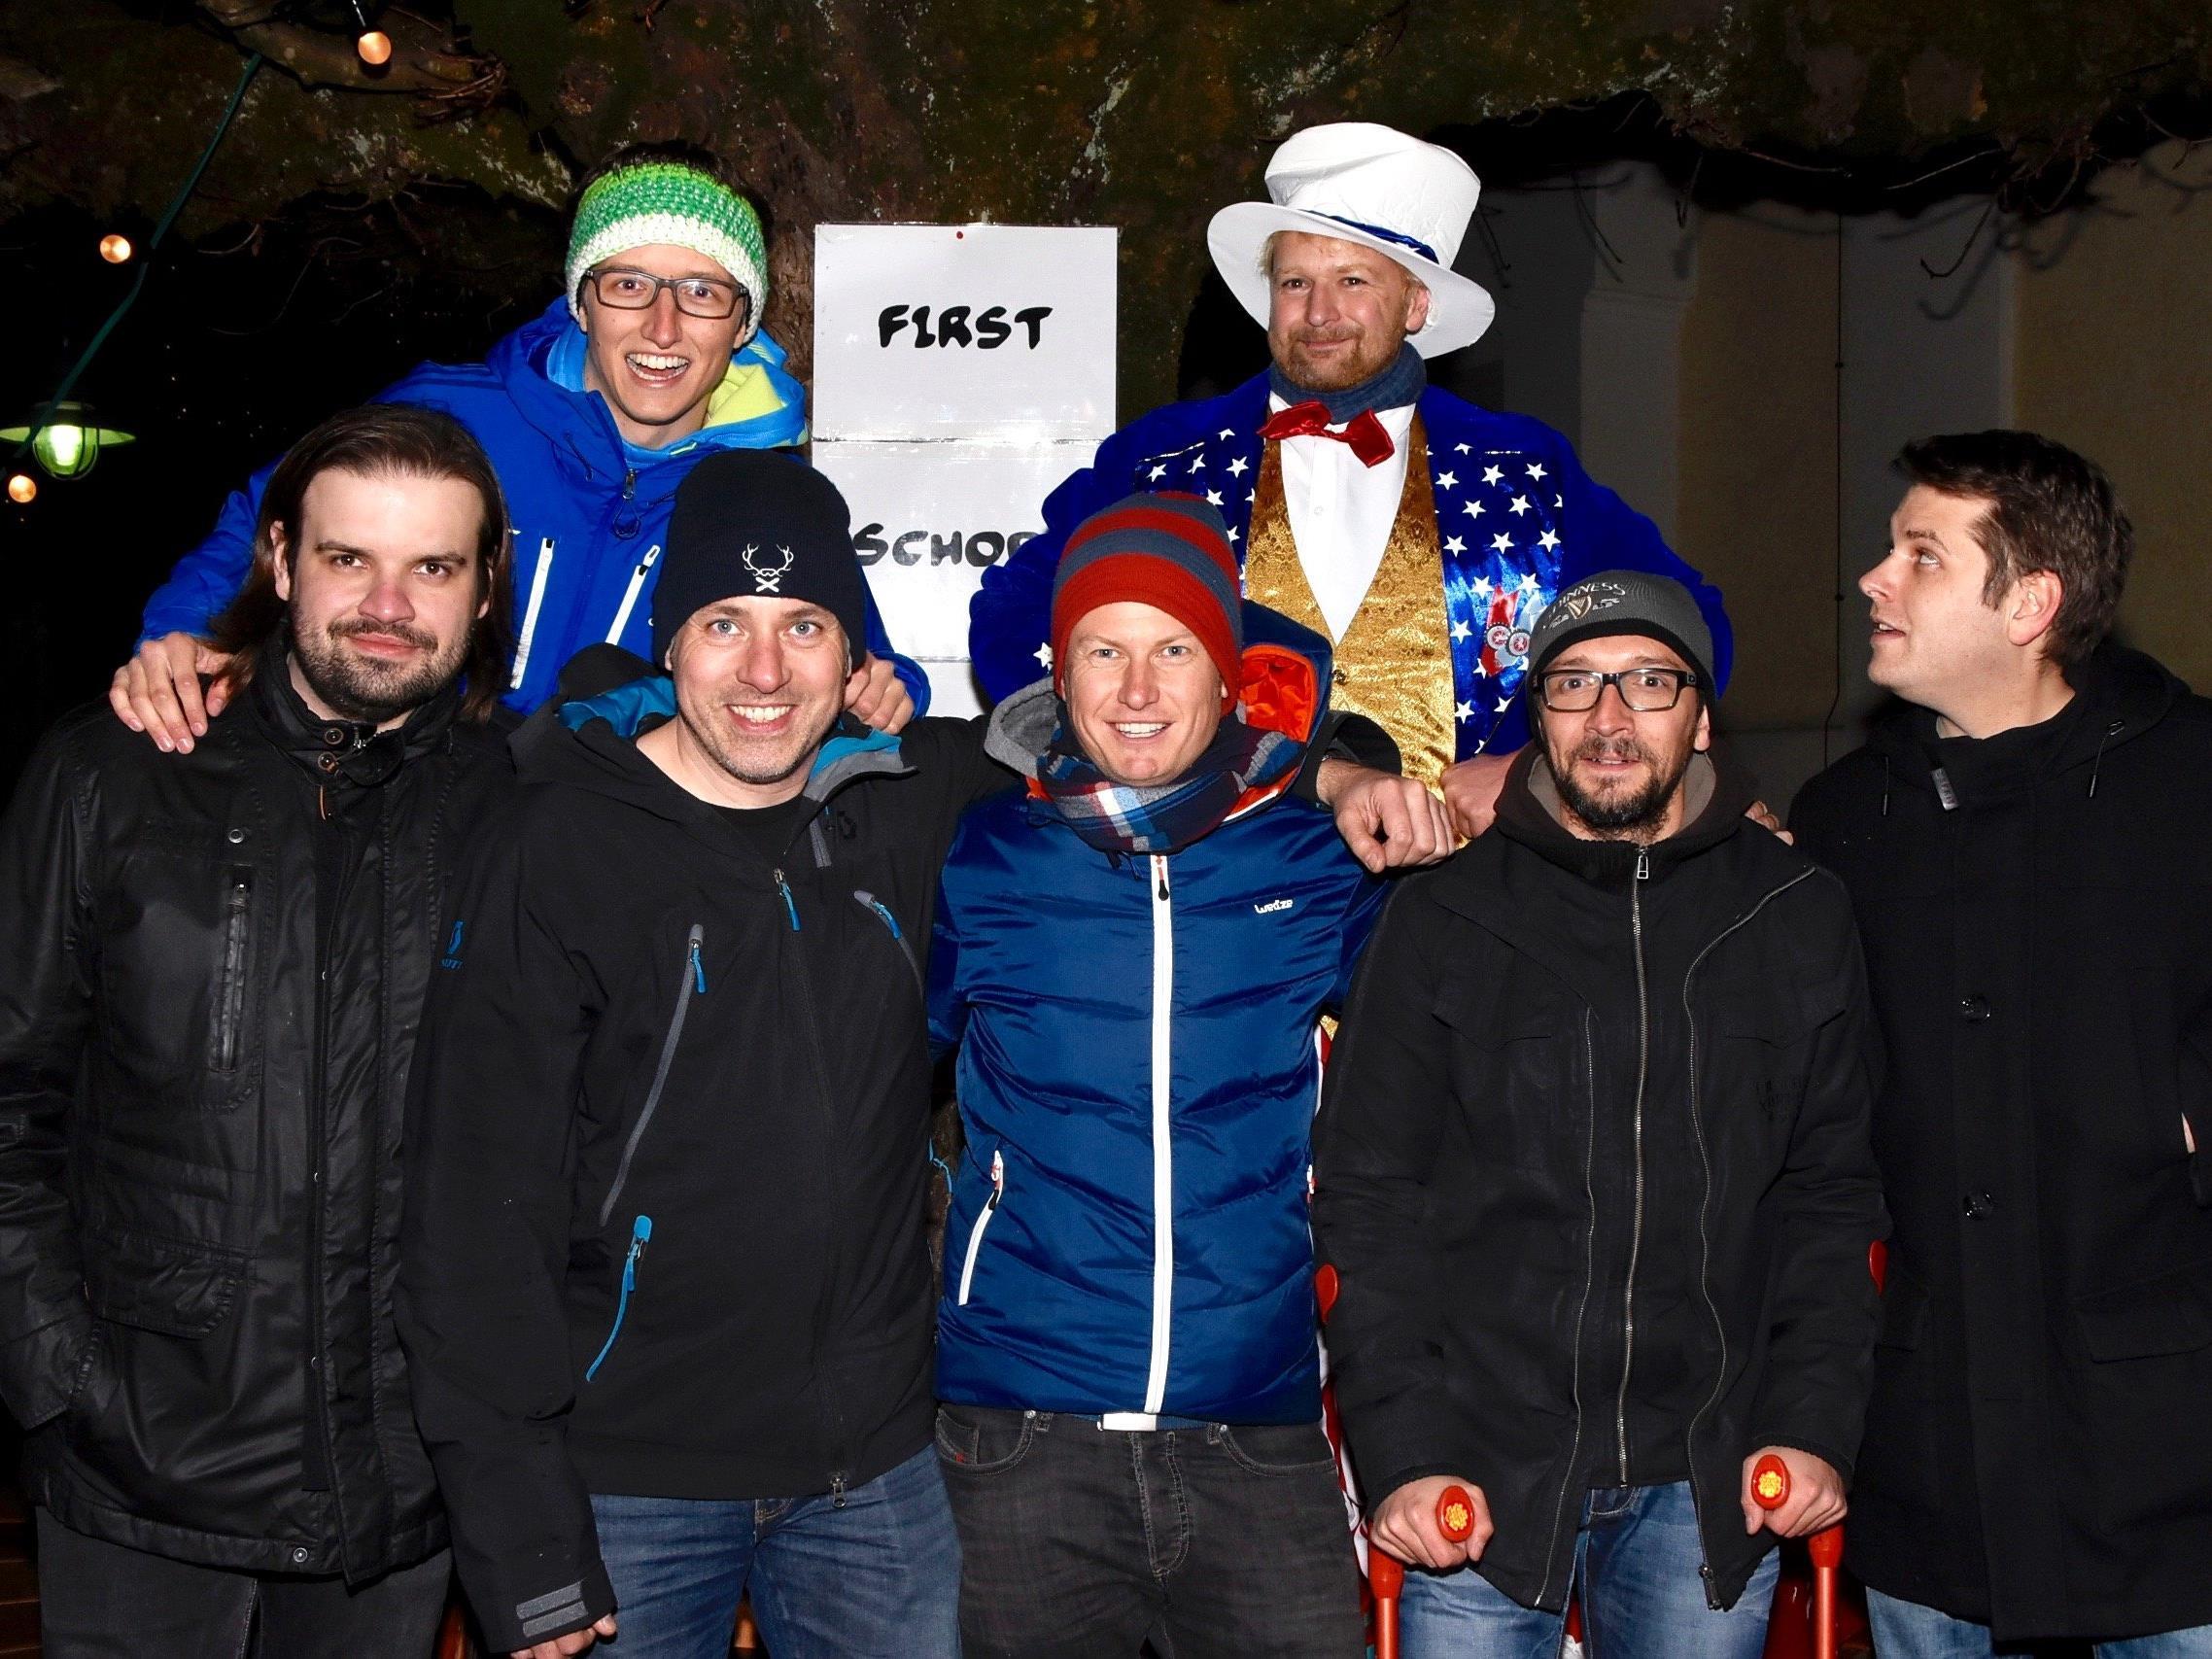 """Mitglieder des Hobby-Fußballvereins """"First Schopf Soccer Team"""", die zum Gelingen des """"Charity-Kränzle"""" am Schrunser Kirchplatz beitragen."""